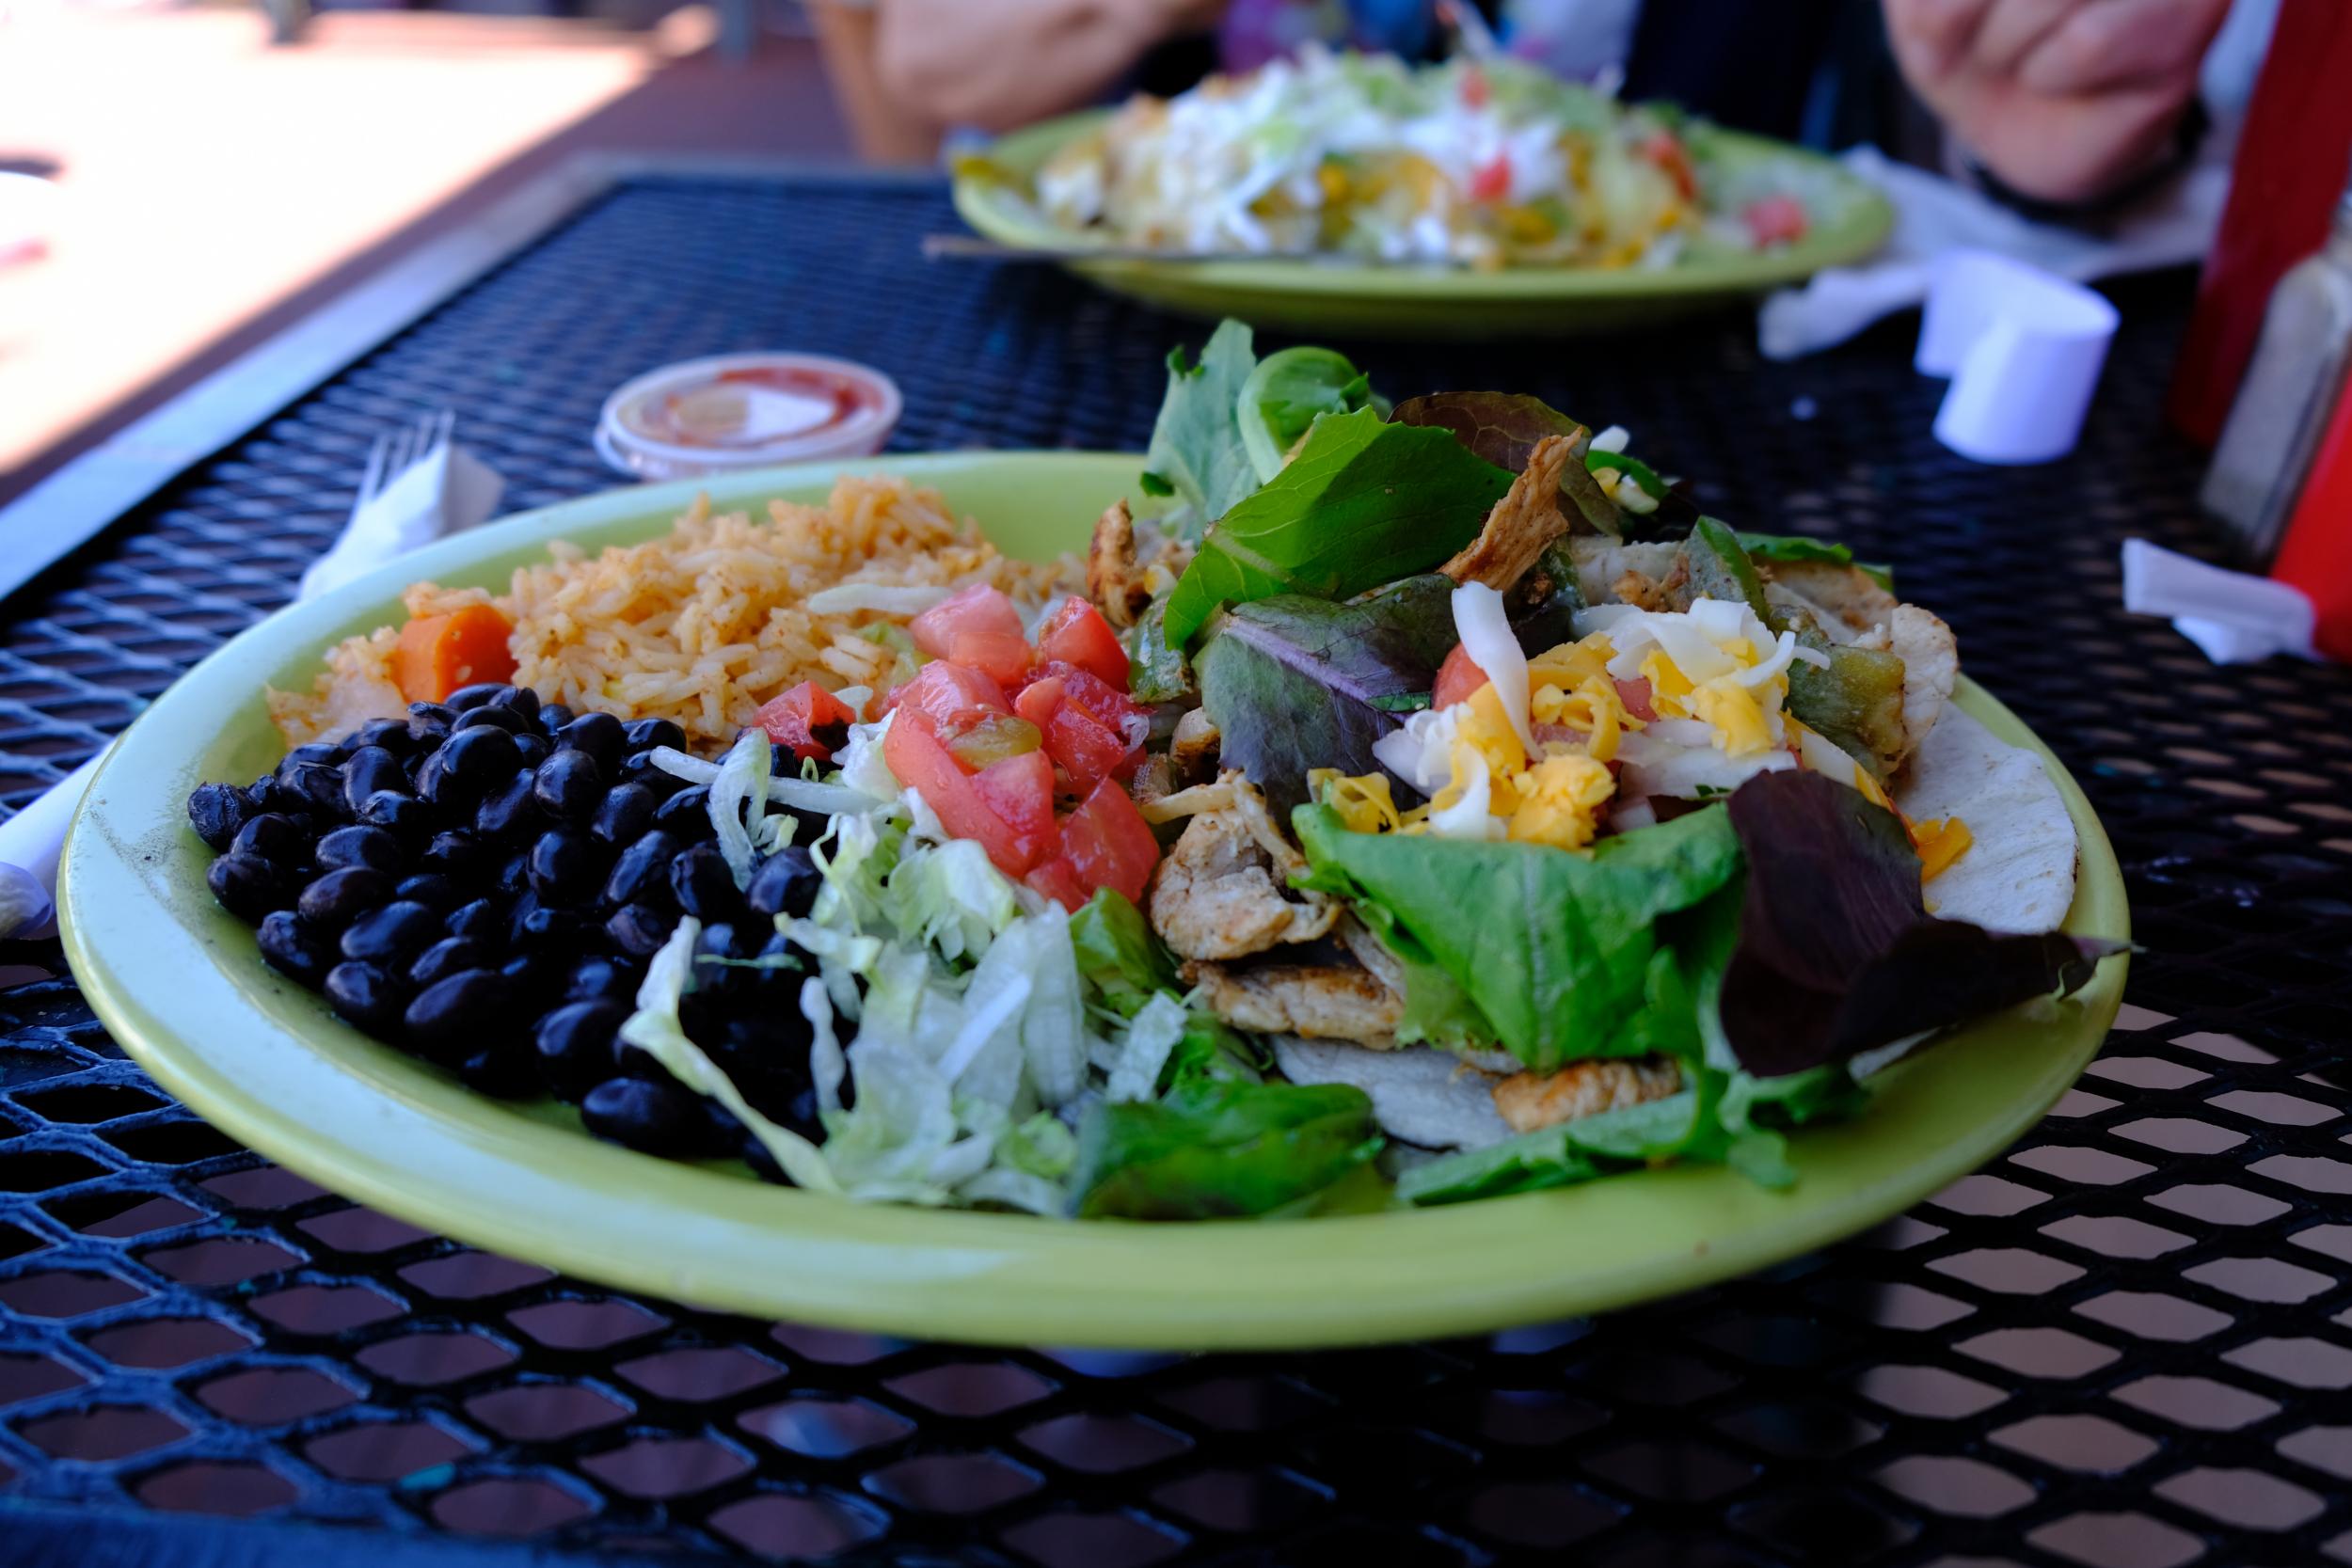 Chicken Fajita Tacos at the Burrito Company